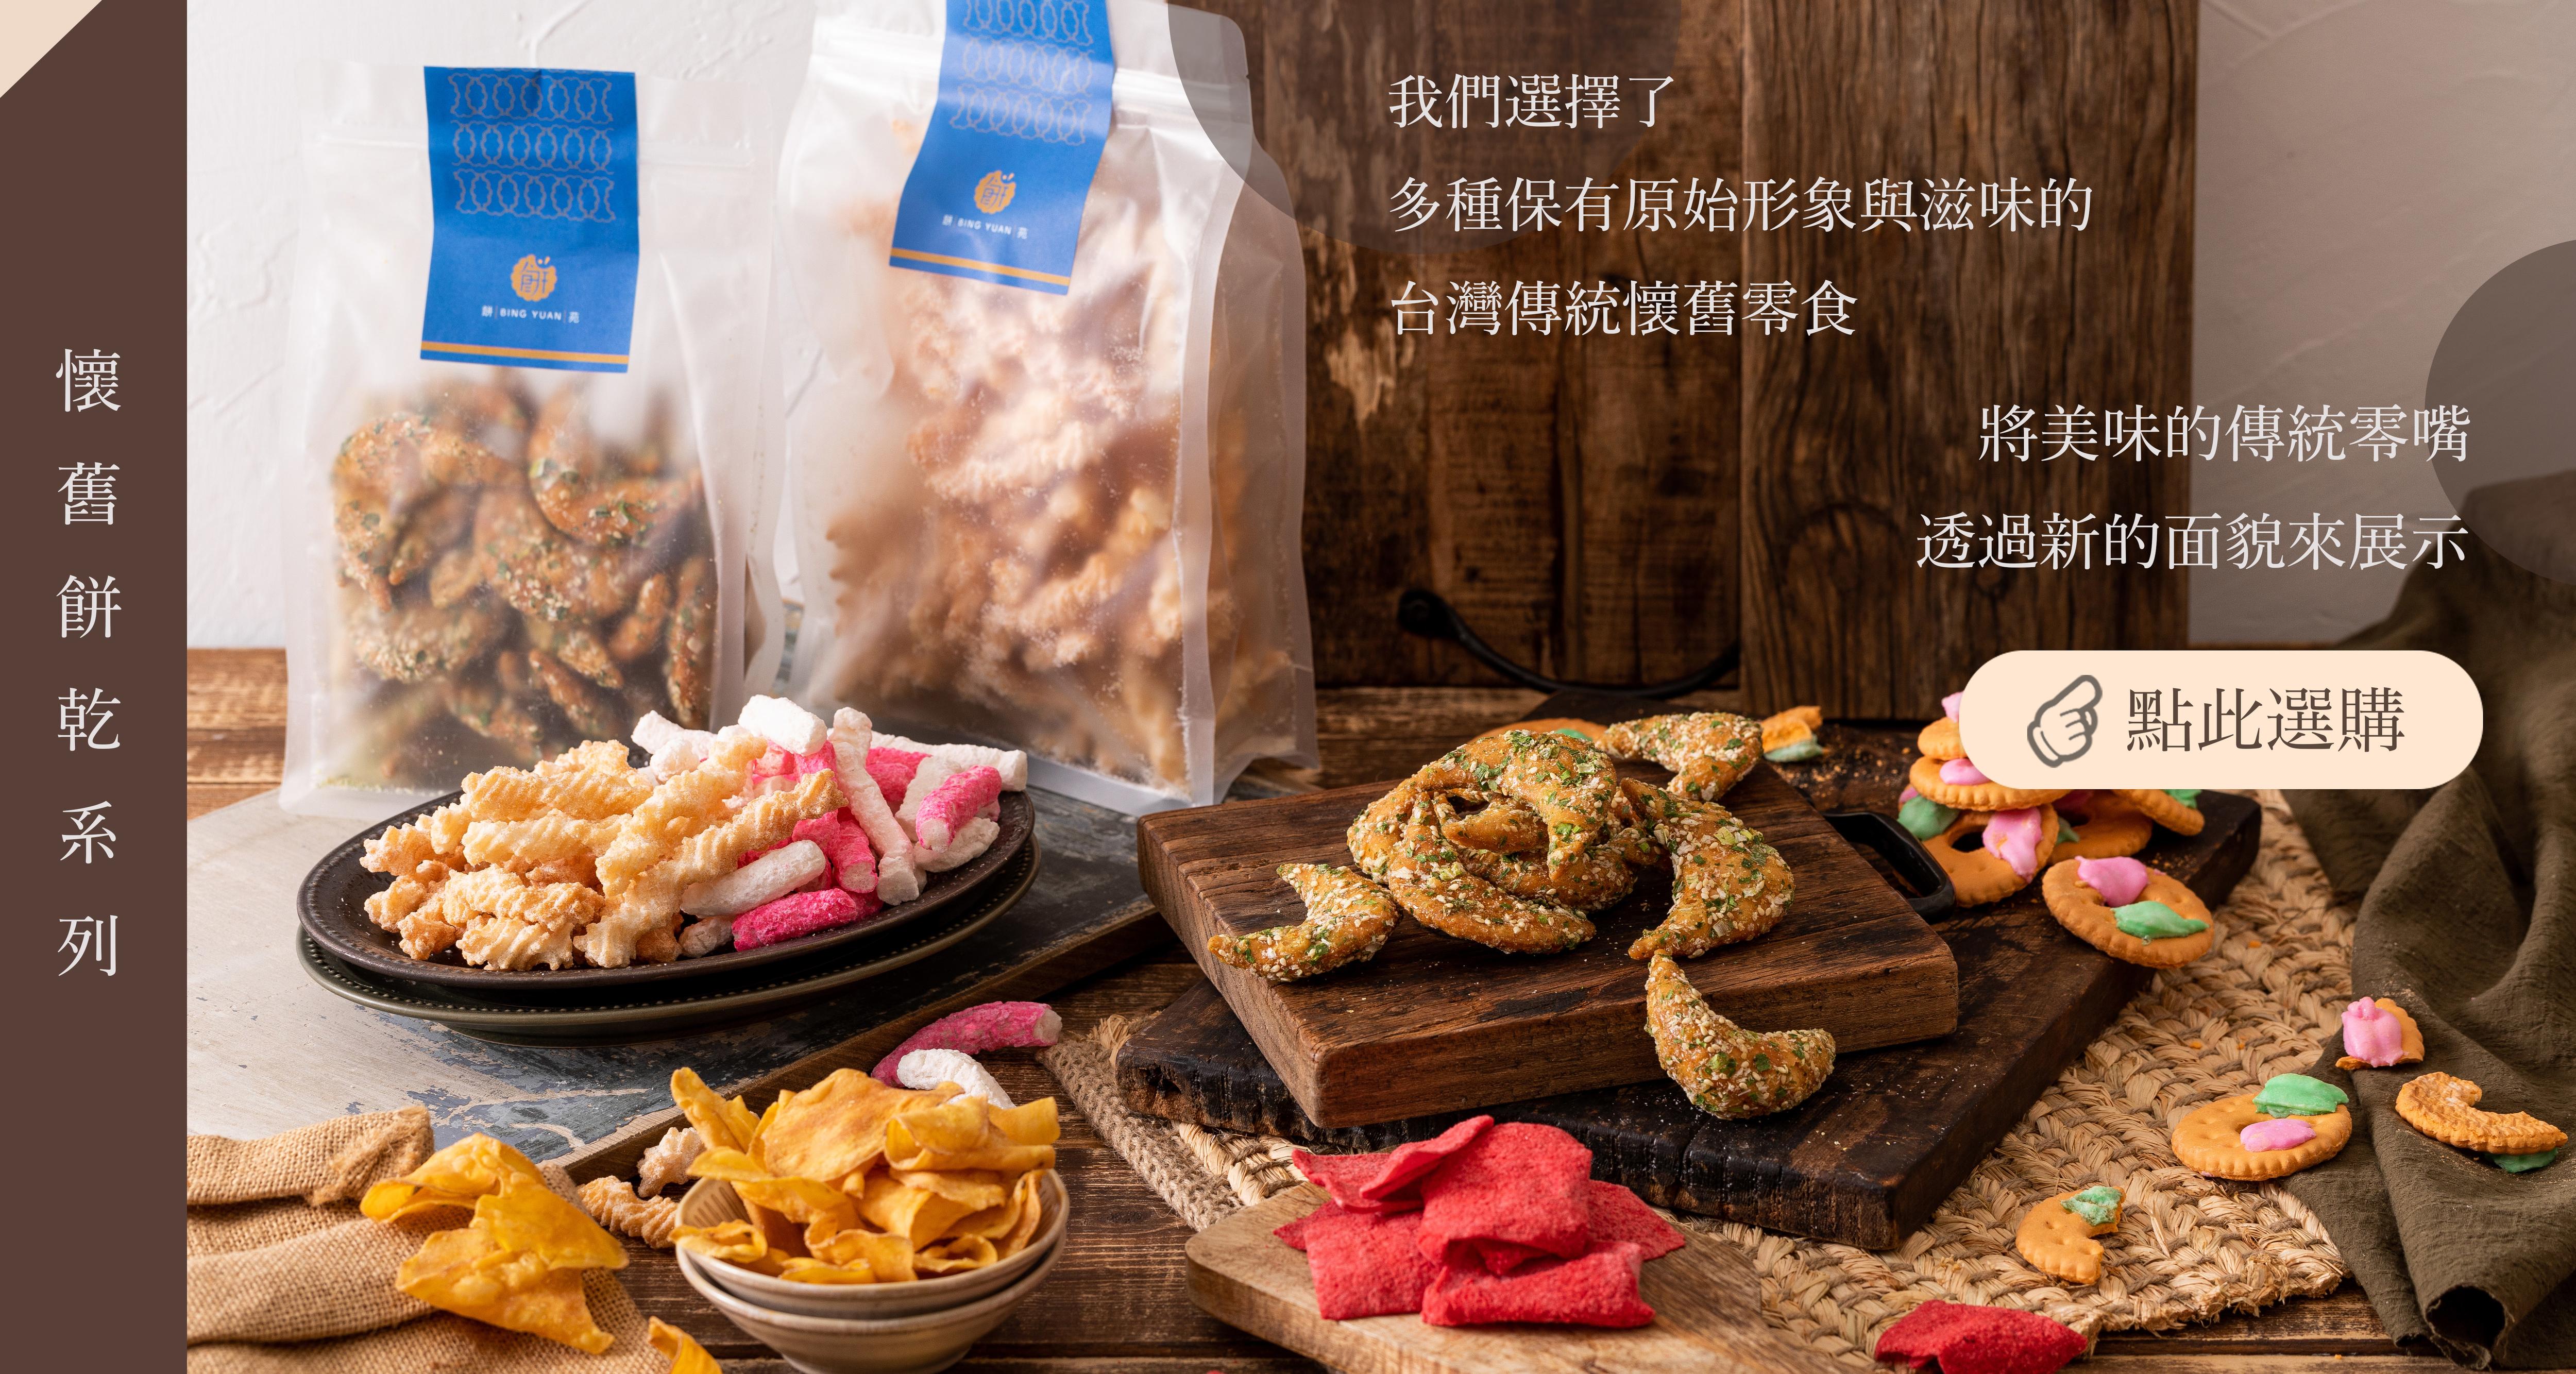 懷舊餅乾,傳統餅乾,柑仔店,零食,懷舊零食,傳統零食,紅白支,紅白條,卡里卡里,咔哩咔哩,地瓜片,地瓜餅,牛角蔥餅,花餅,收涎餅,紅豬公,大豬公,鱈魚片